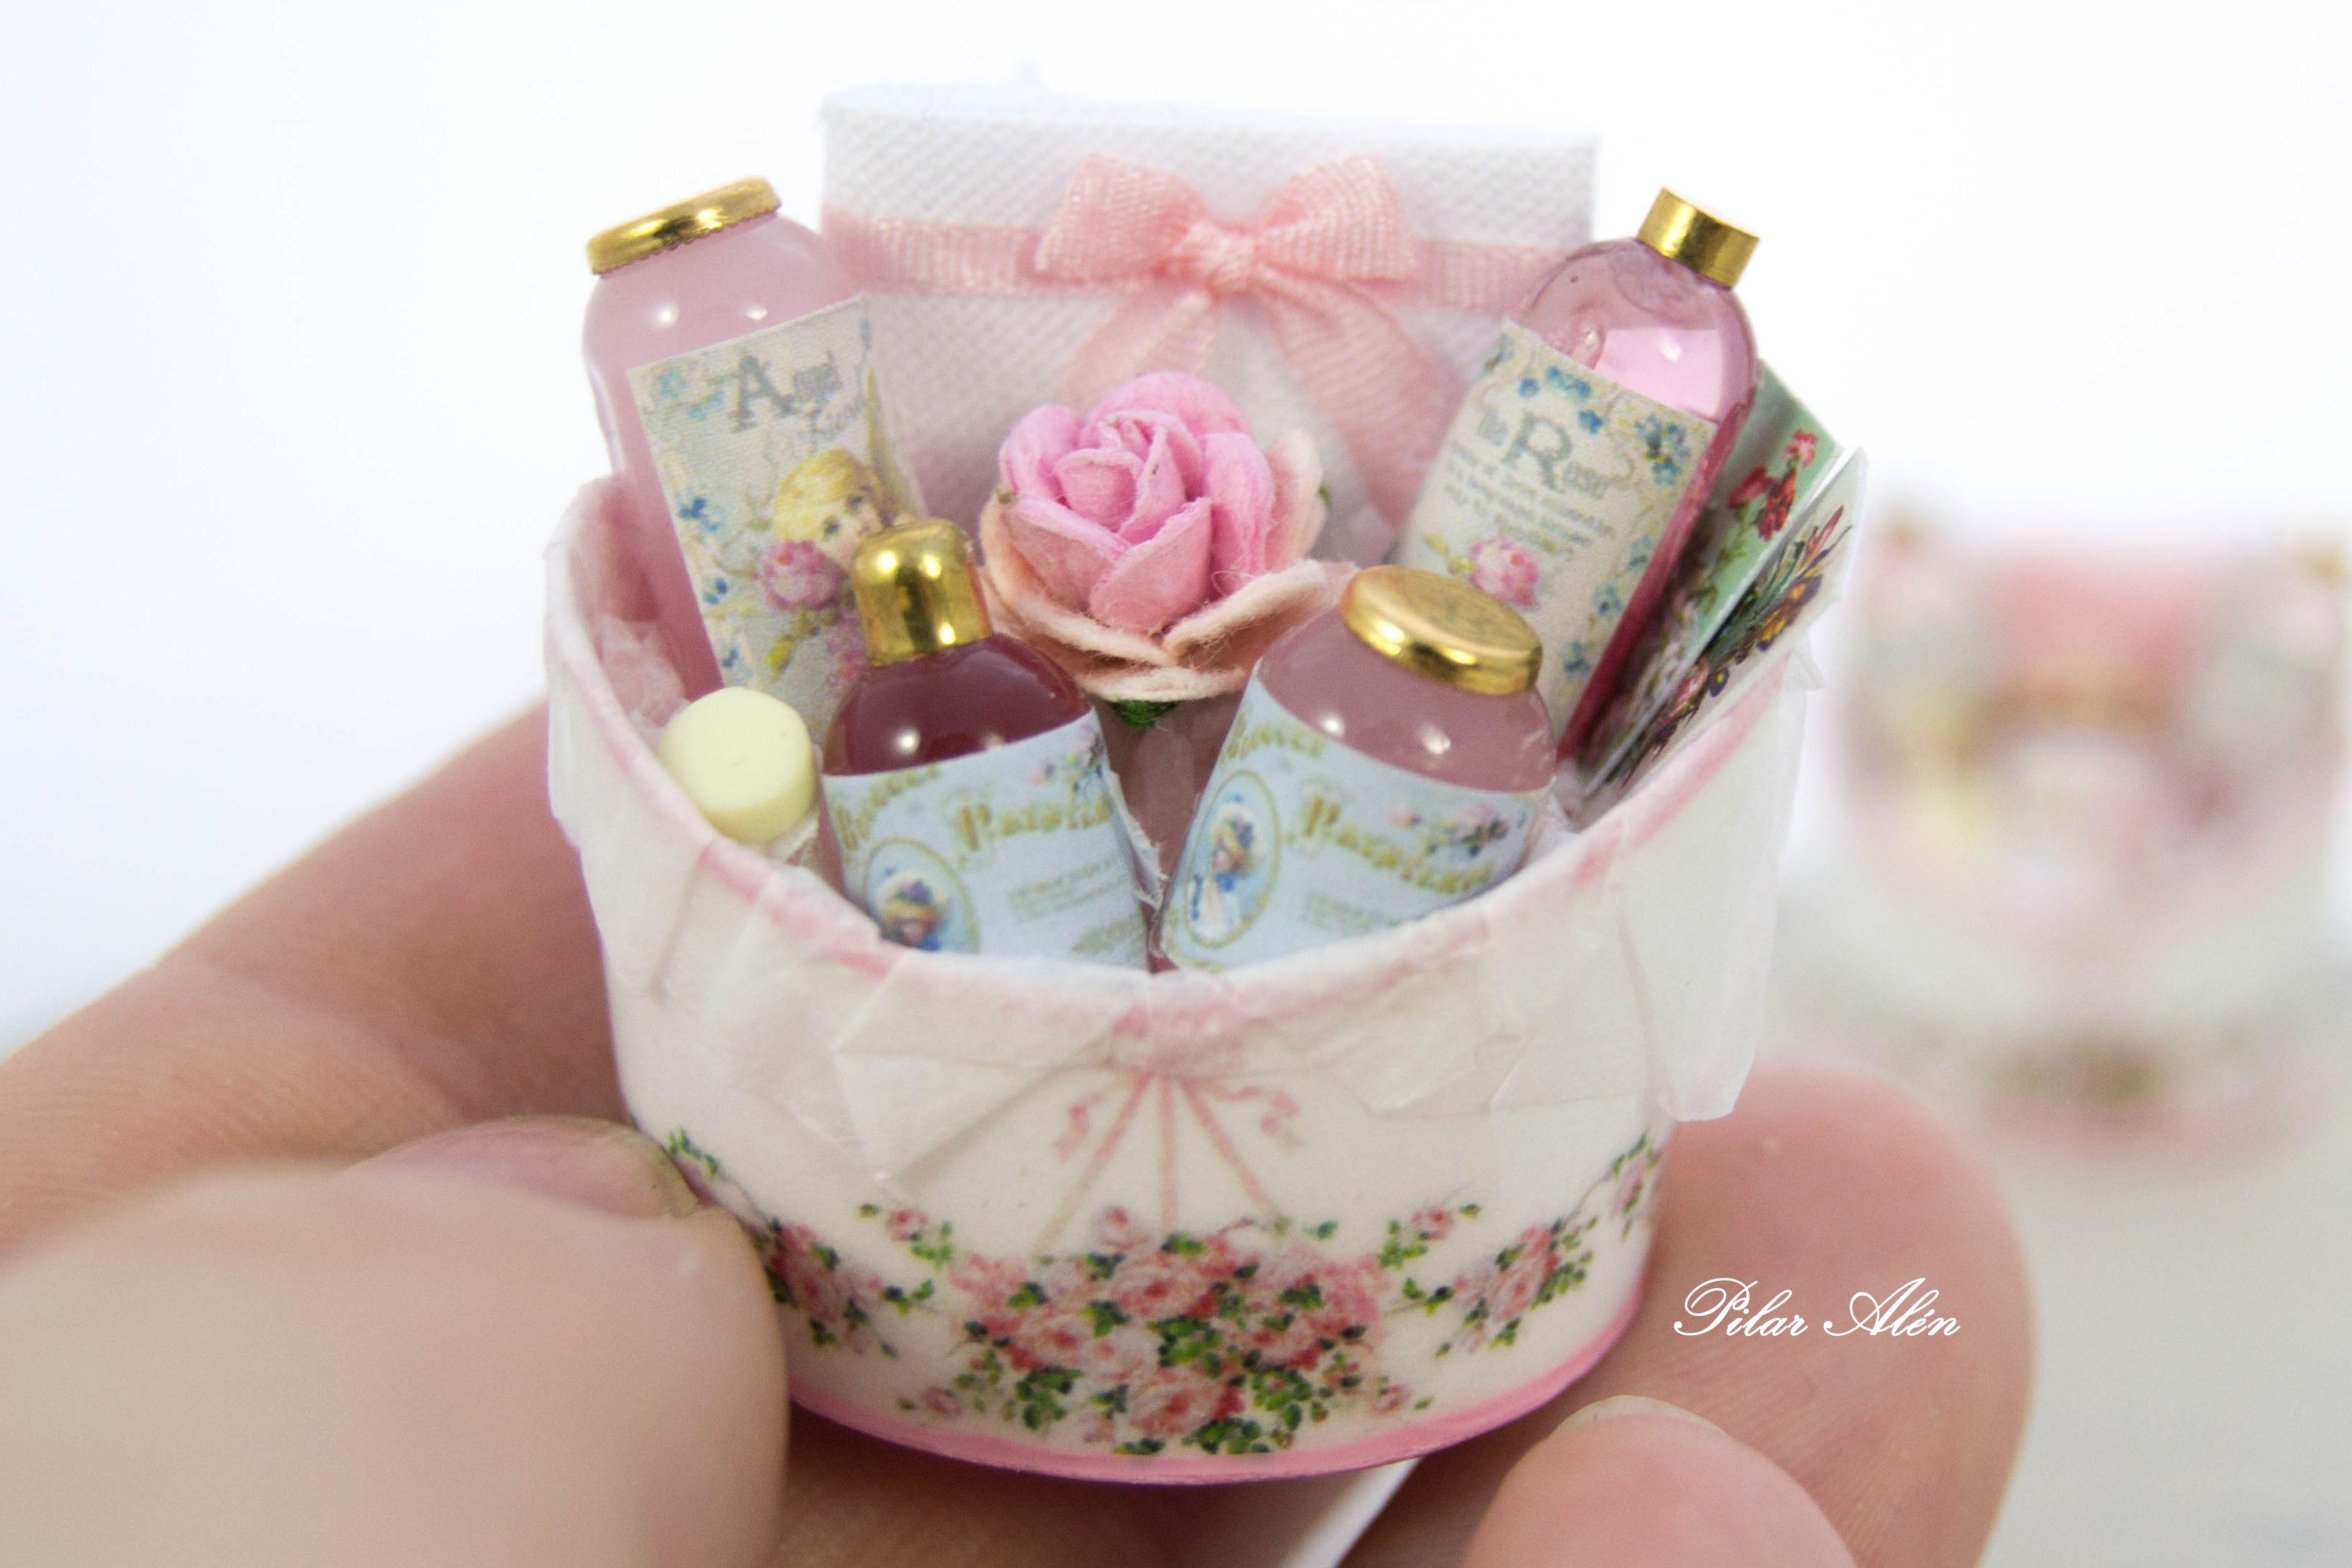 Casa de muñecas en miniatura 1:12th escala Rosas en una cesta de imagen